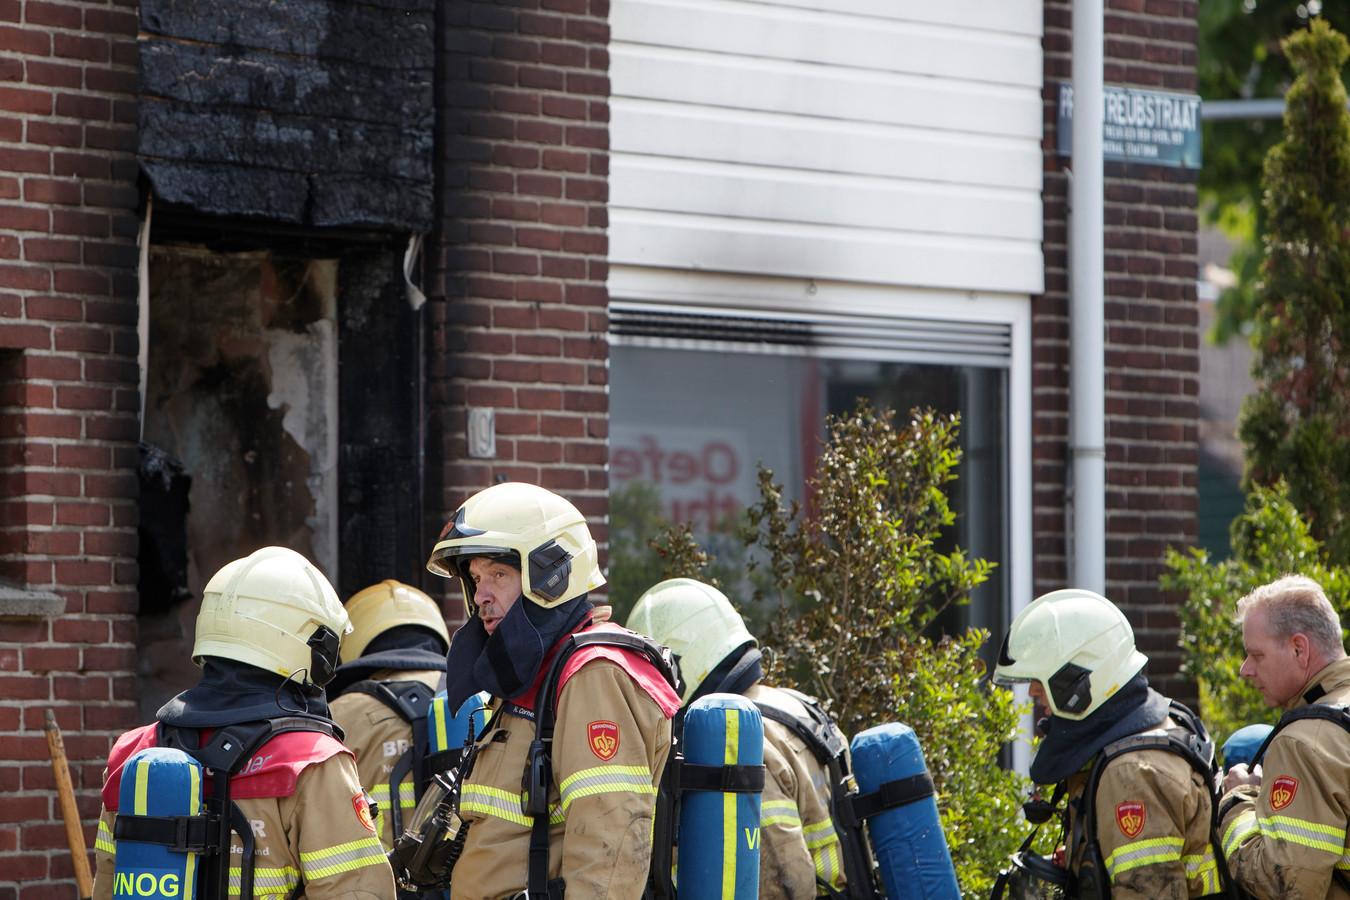 De brandweer had het vuur in een woning aan de Professor Treubstraat in Zutphen snel geblust, maar het huis is voorlopig onbewoonbaar verklaard.